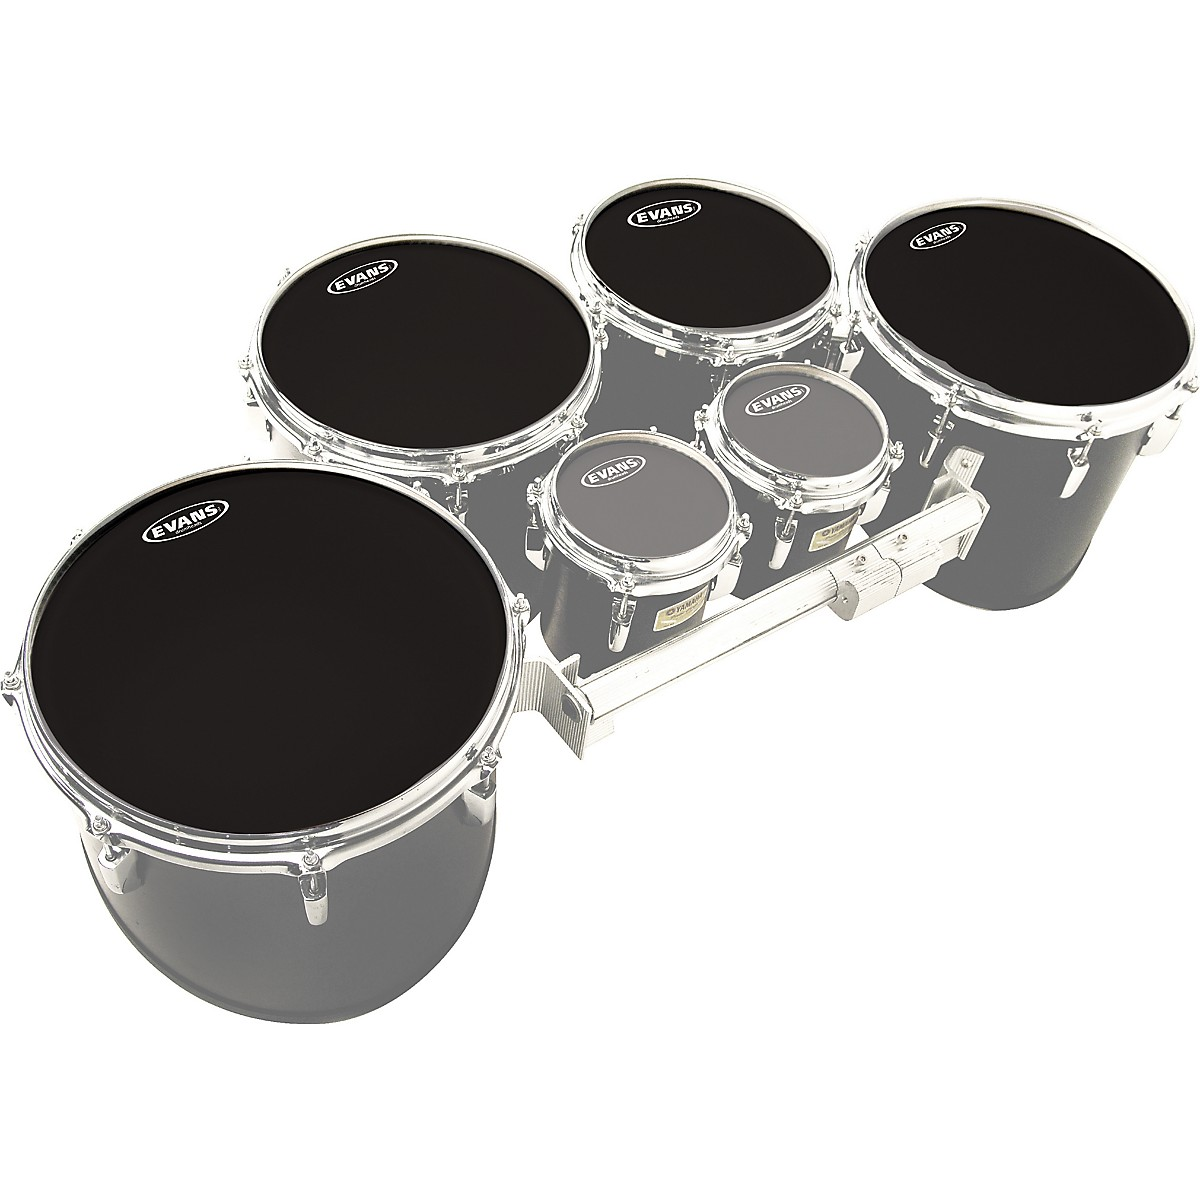 Evans MX Black Tenor Drumhead 4-Pack